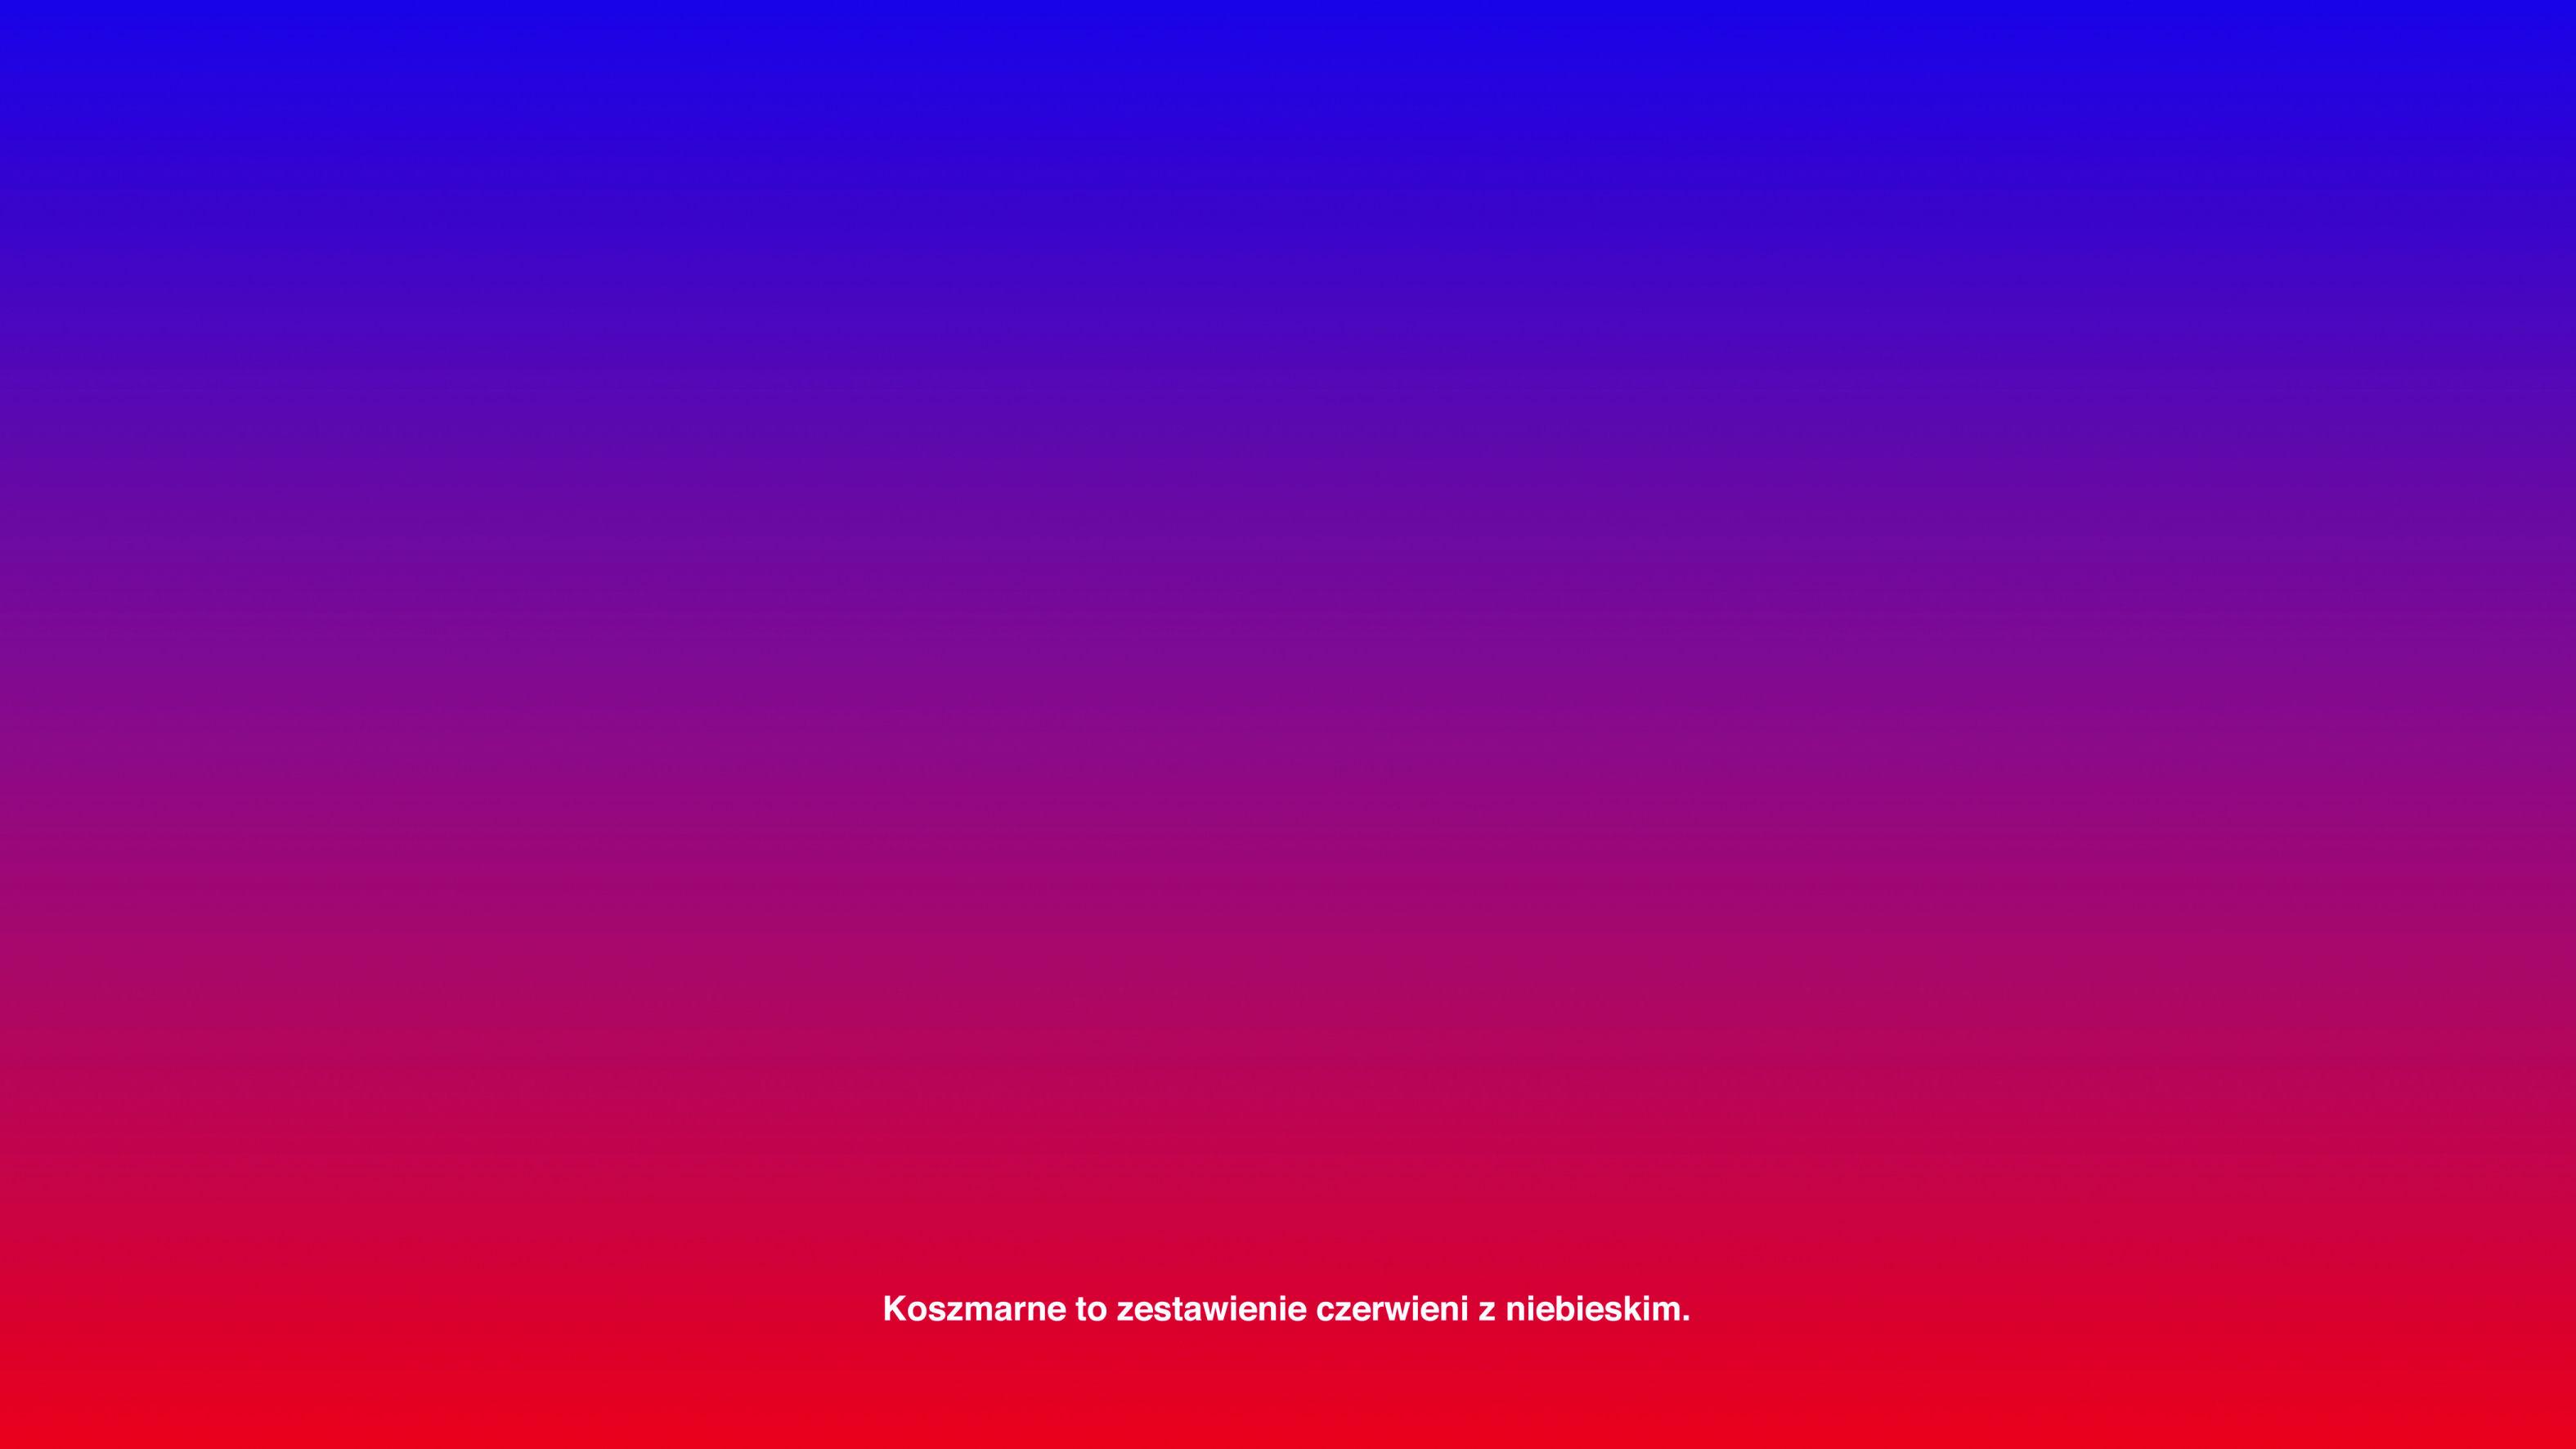 """Kamil Kuskowski, """"Obraza II"""", 2015 (źródło: materiały prasowe organizatora)"""